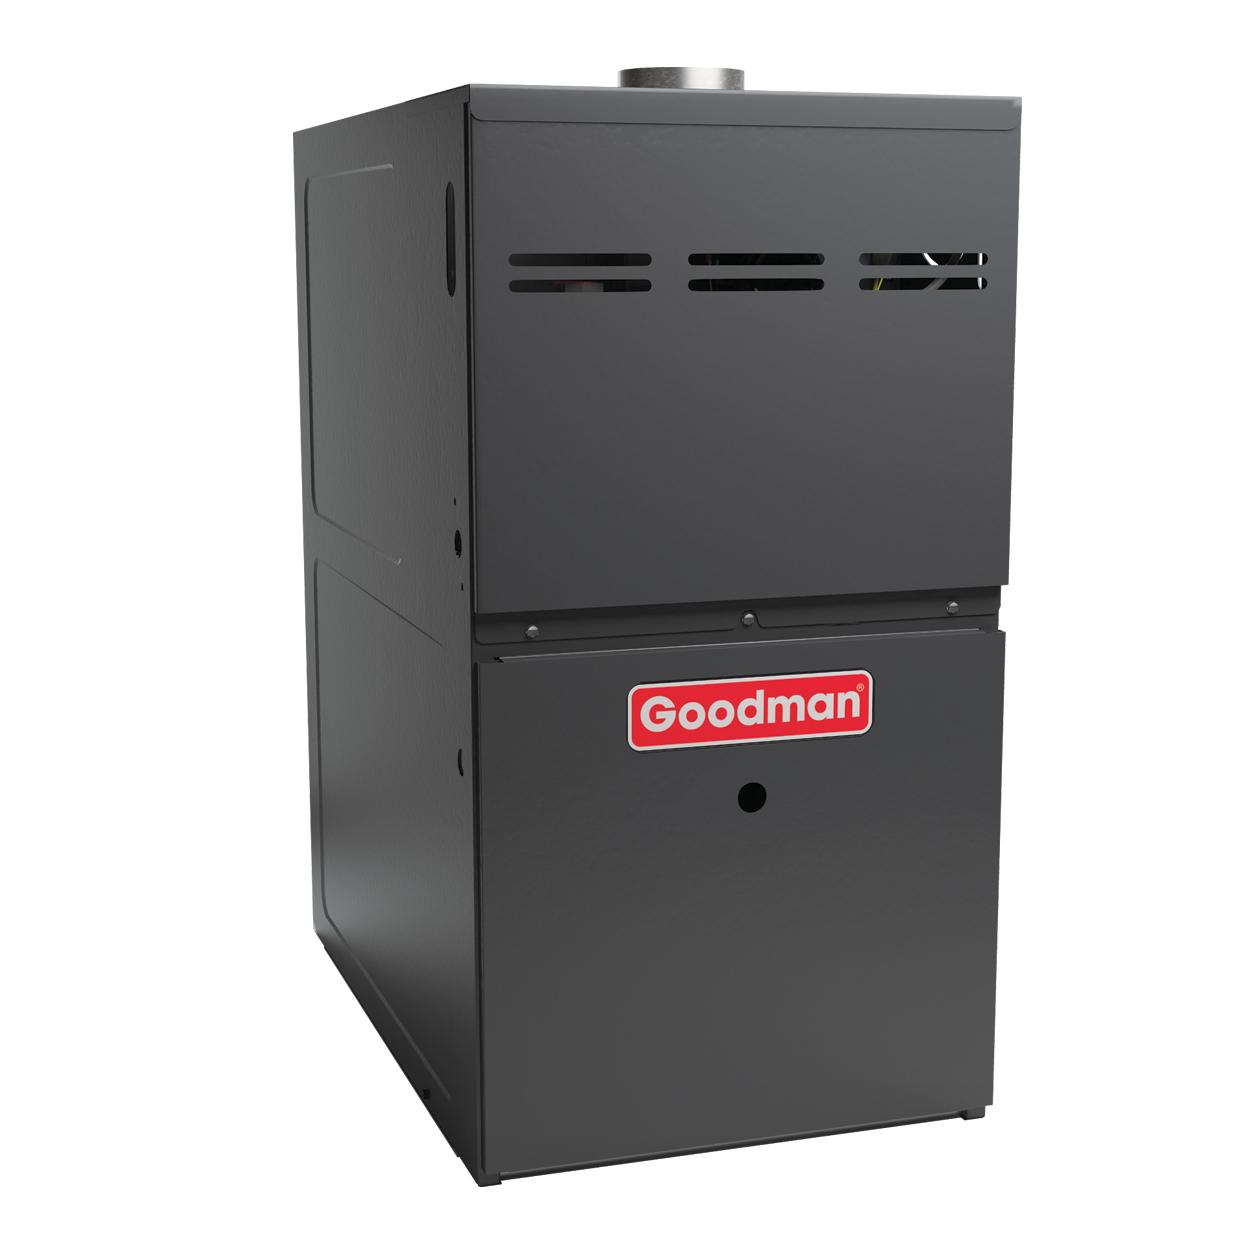 Goodman Gas Furnace - 100,000 BTU 80% Natural Gas Or Propane Two Stage Upflow/Horizontal - GMEC801004CN